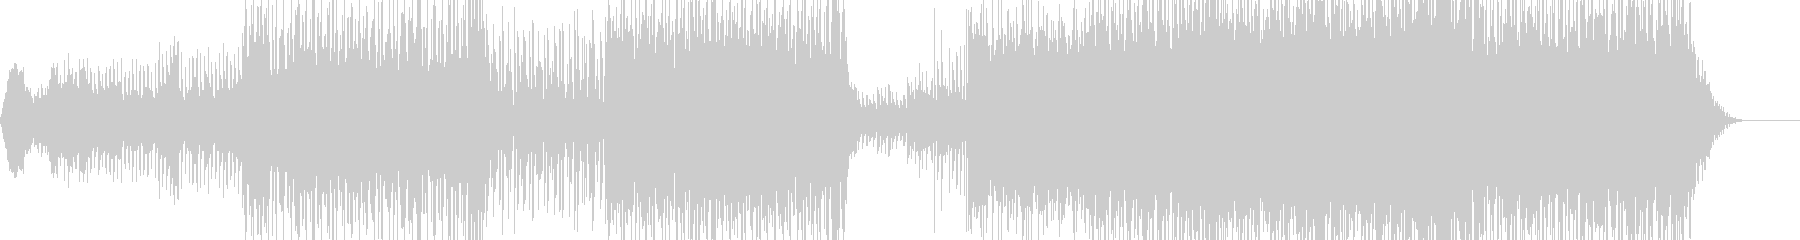 センチメンタルなポップインストの未再生の波形